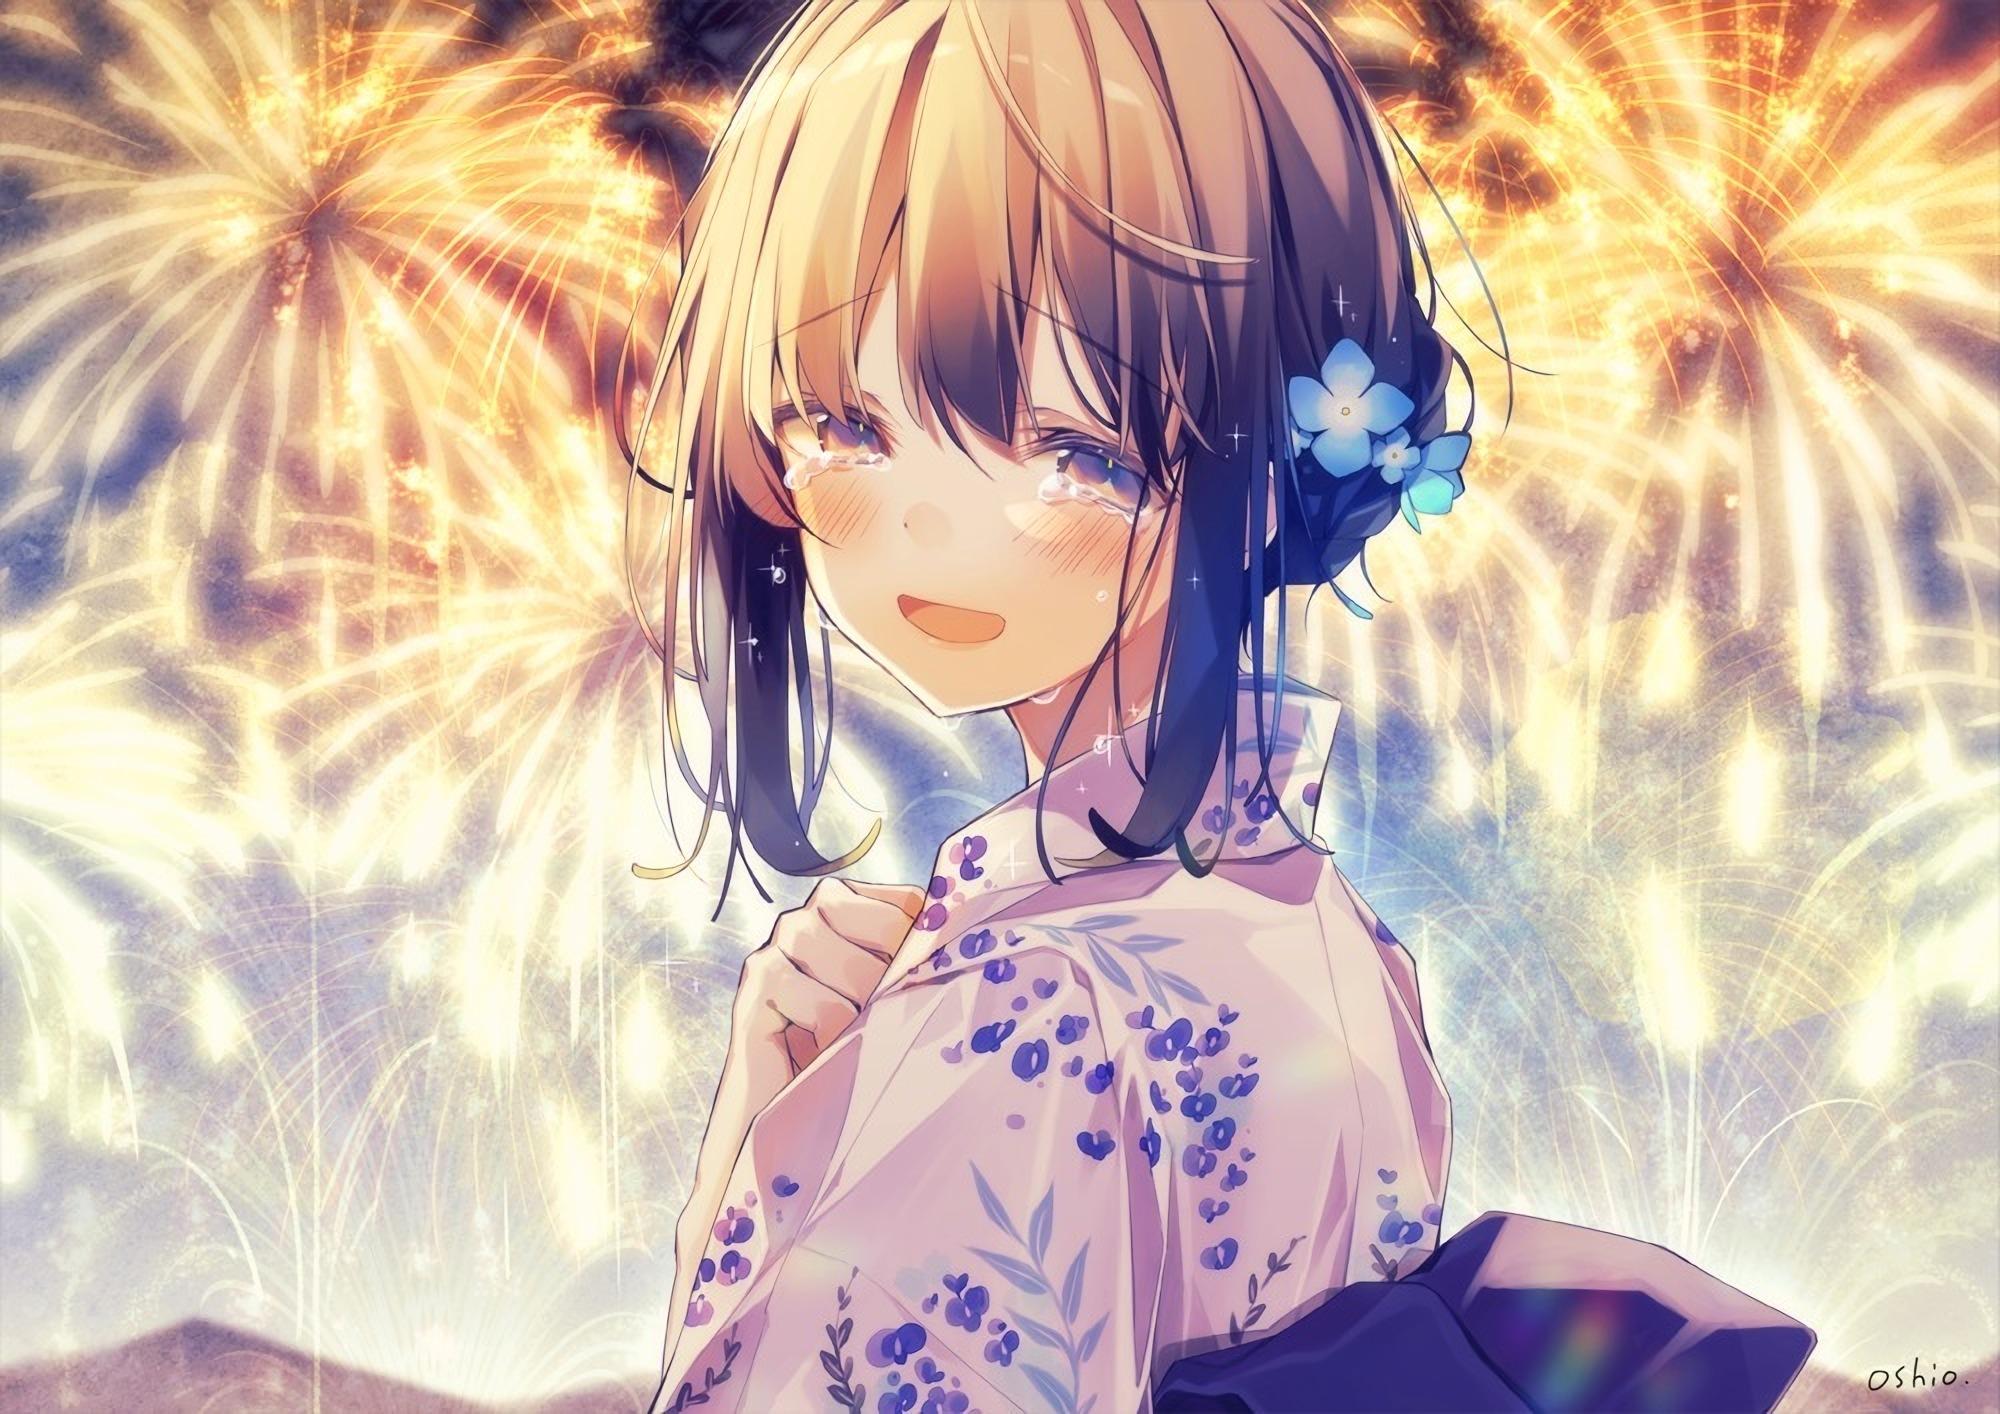 Hình ảnh anime buồn khóc cô đơn